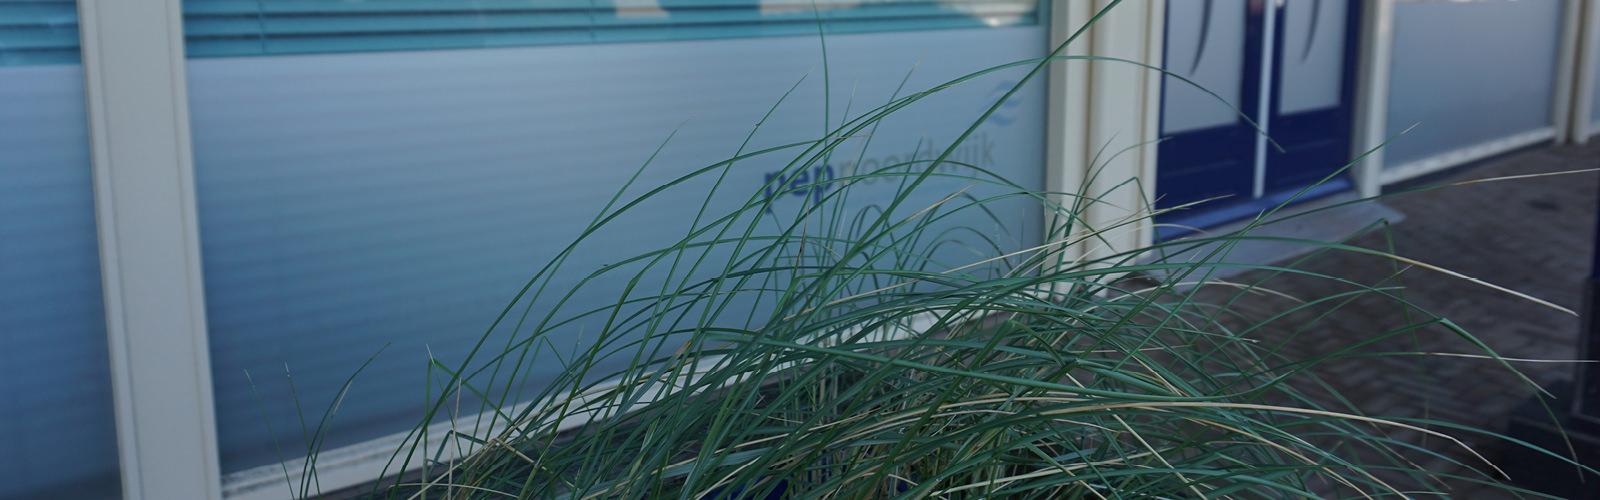 PEP Groep (PEP Noordwijk, PEP Wantveld, PEP Voorhout en PEP Celsius zijn onderdeel van de PEP groep).